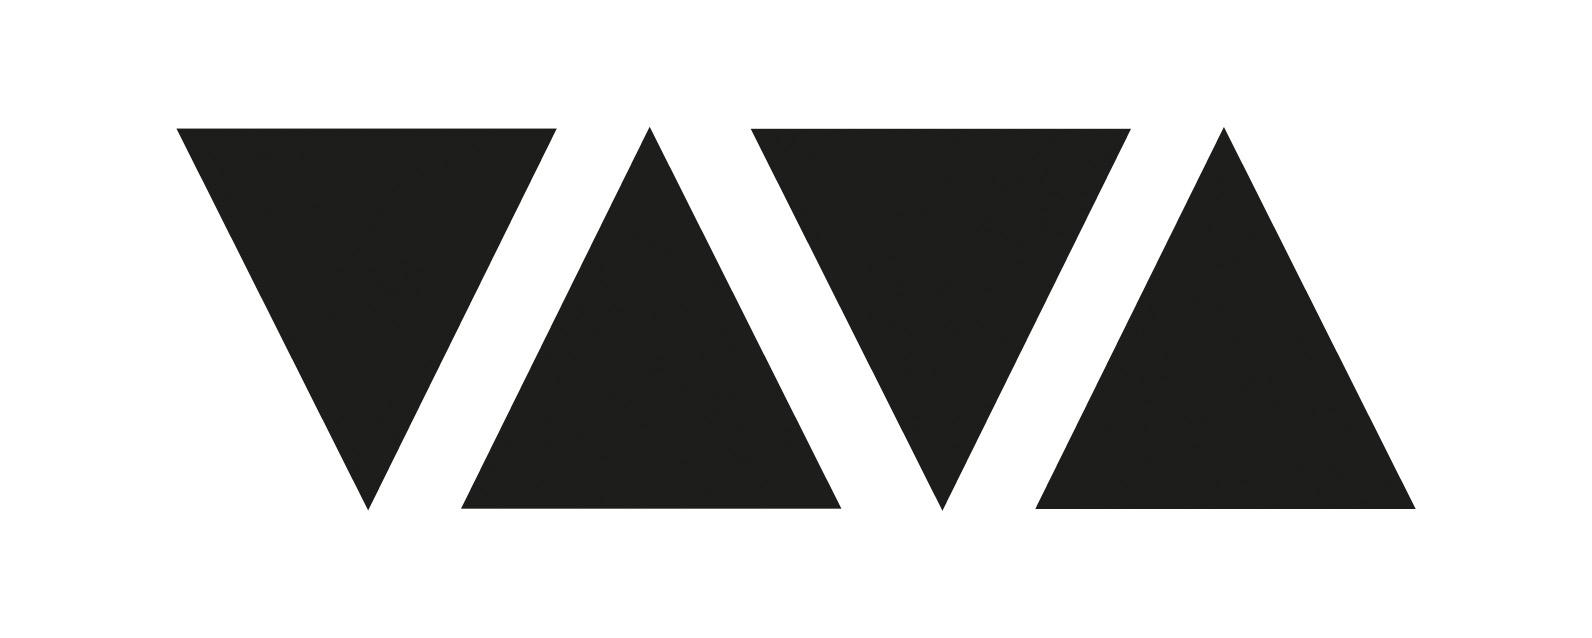 viva_new_logo.jpg